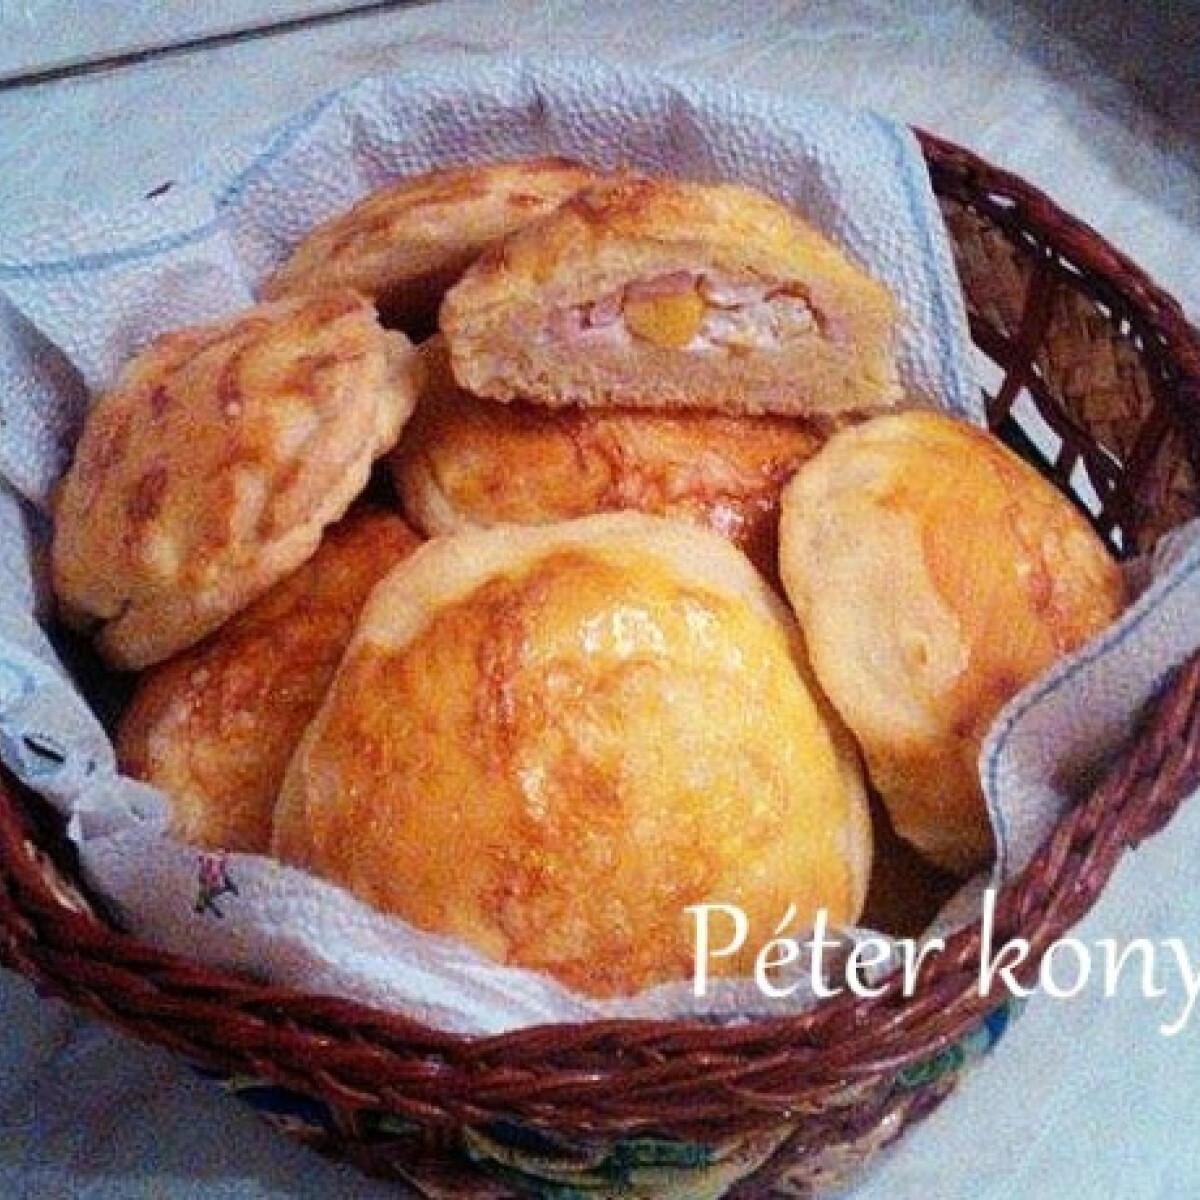 Ezen a képen: Töltött korongok Péter konyhájából